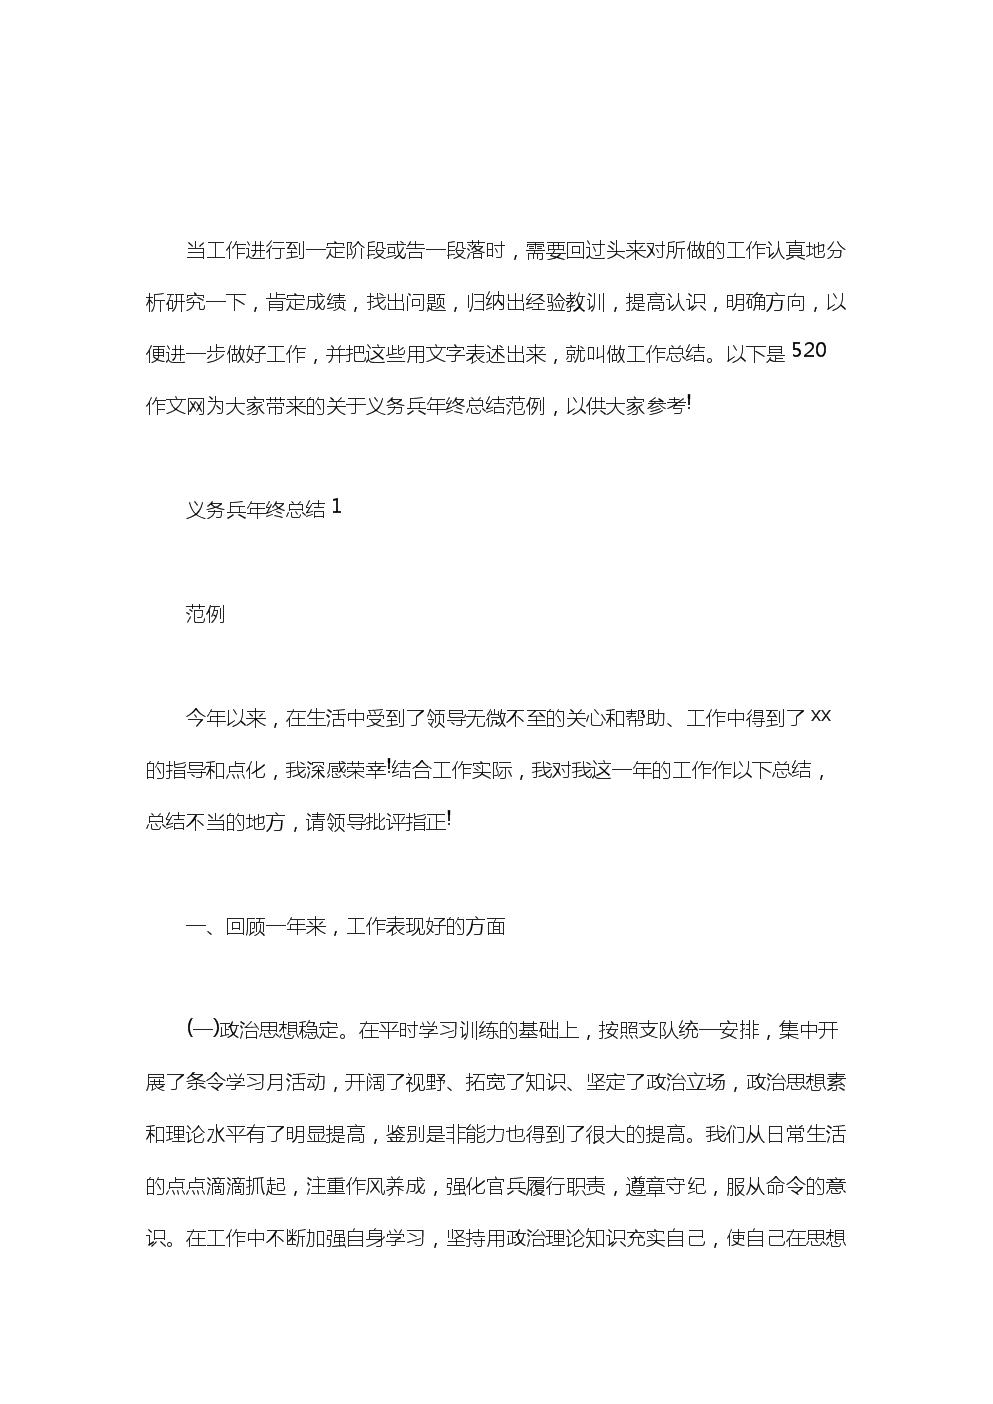 义务兵年终总结范例3篇.doc